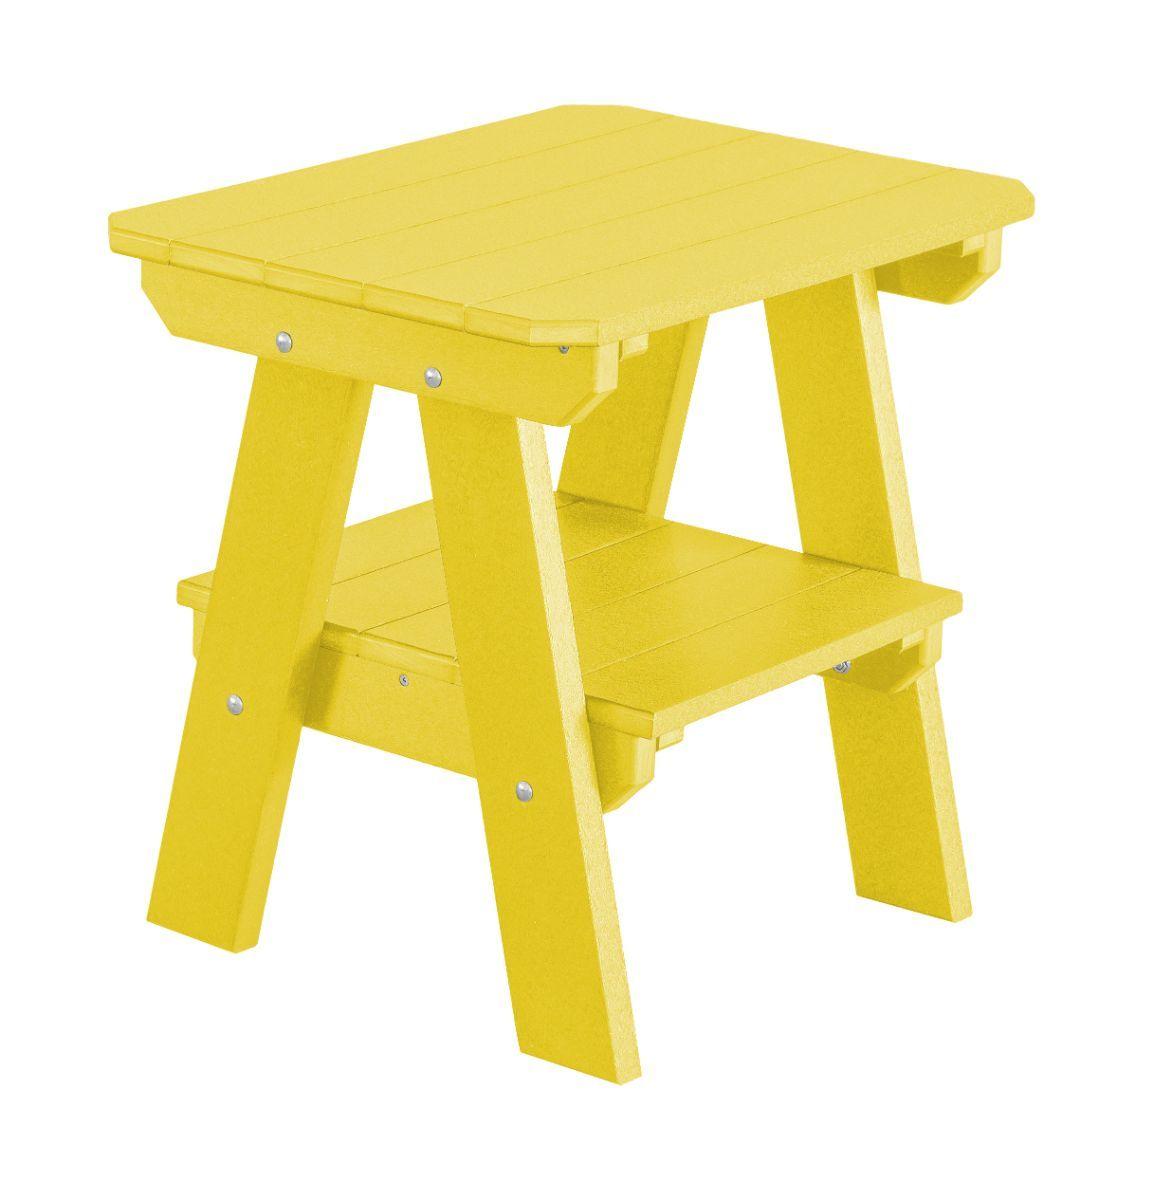 Lemon Yellow Sidra Outdoor End Table